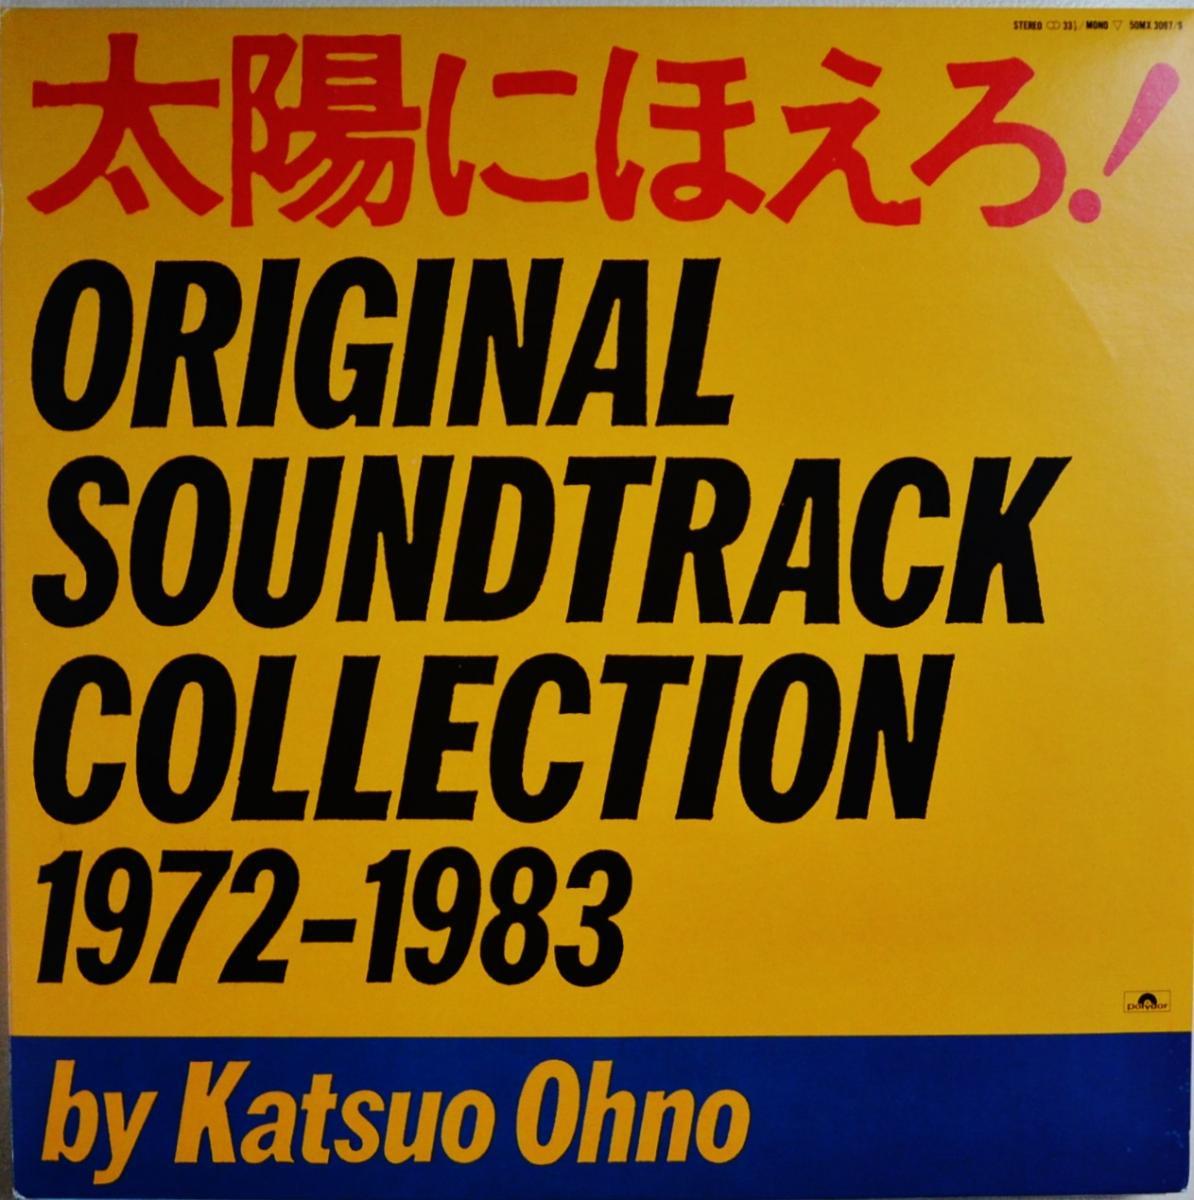 太陽にほえろ! (大野克夫) / ORIGINAL SOUNDTRACK COLLECTION 1972-1983  (3LP)